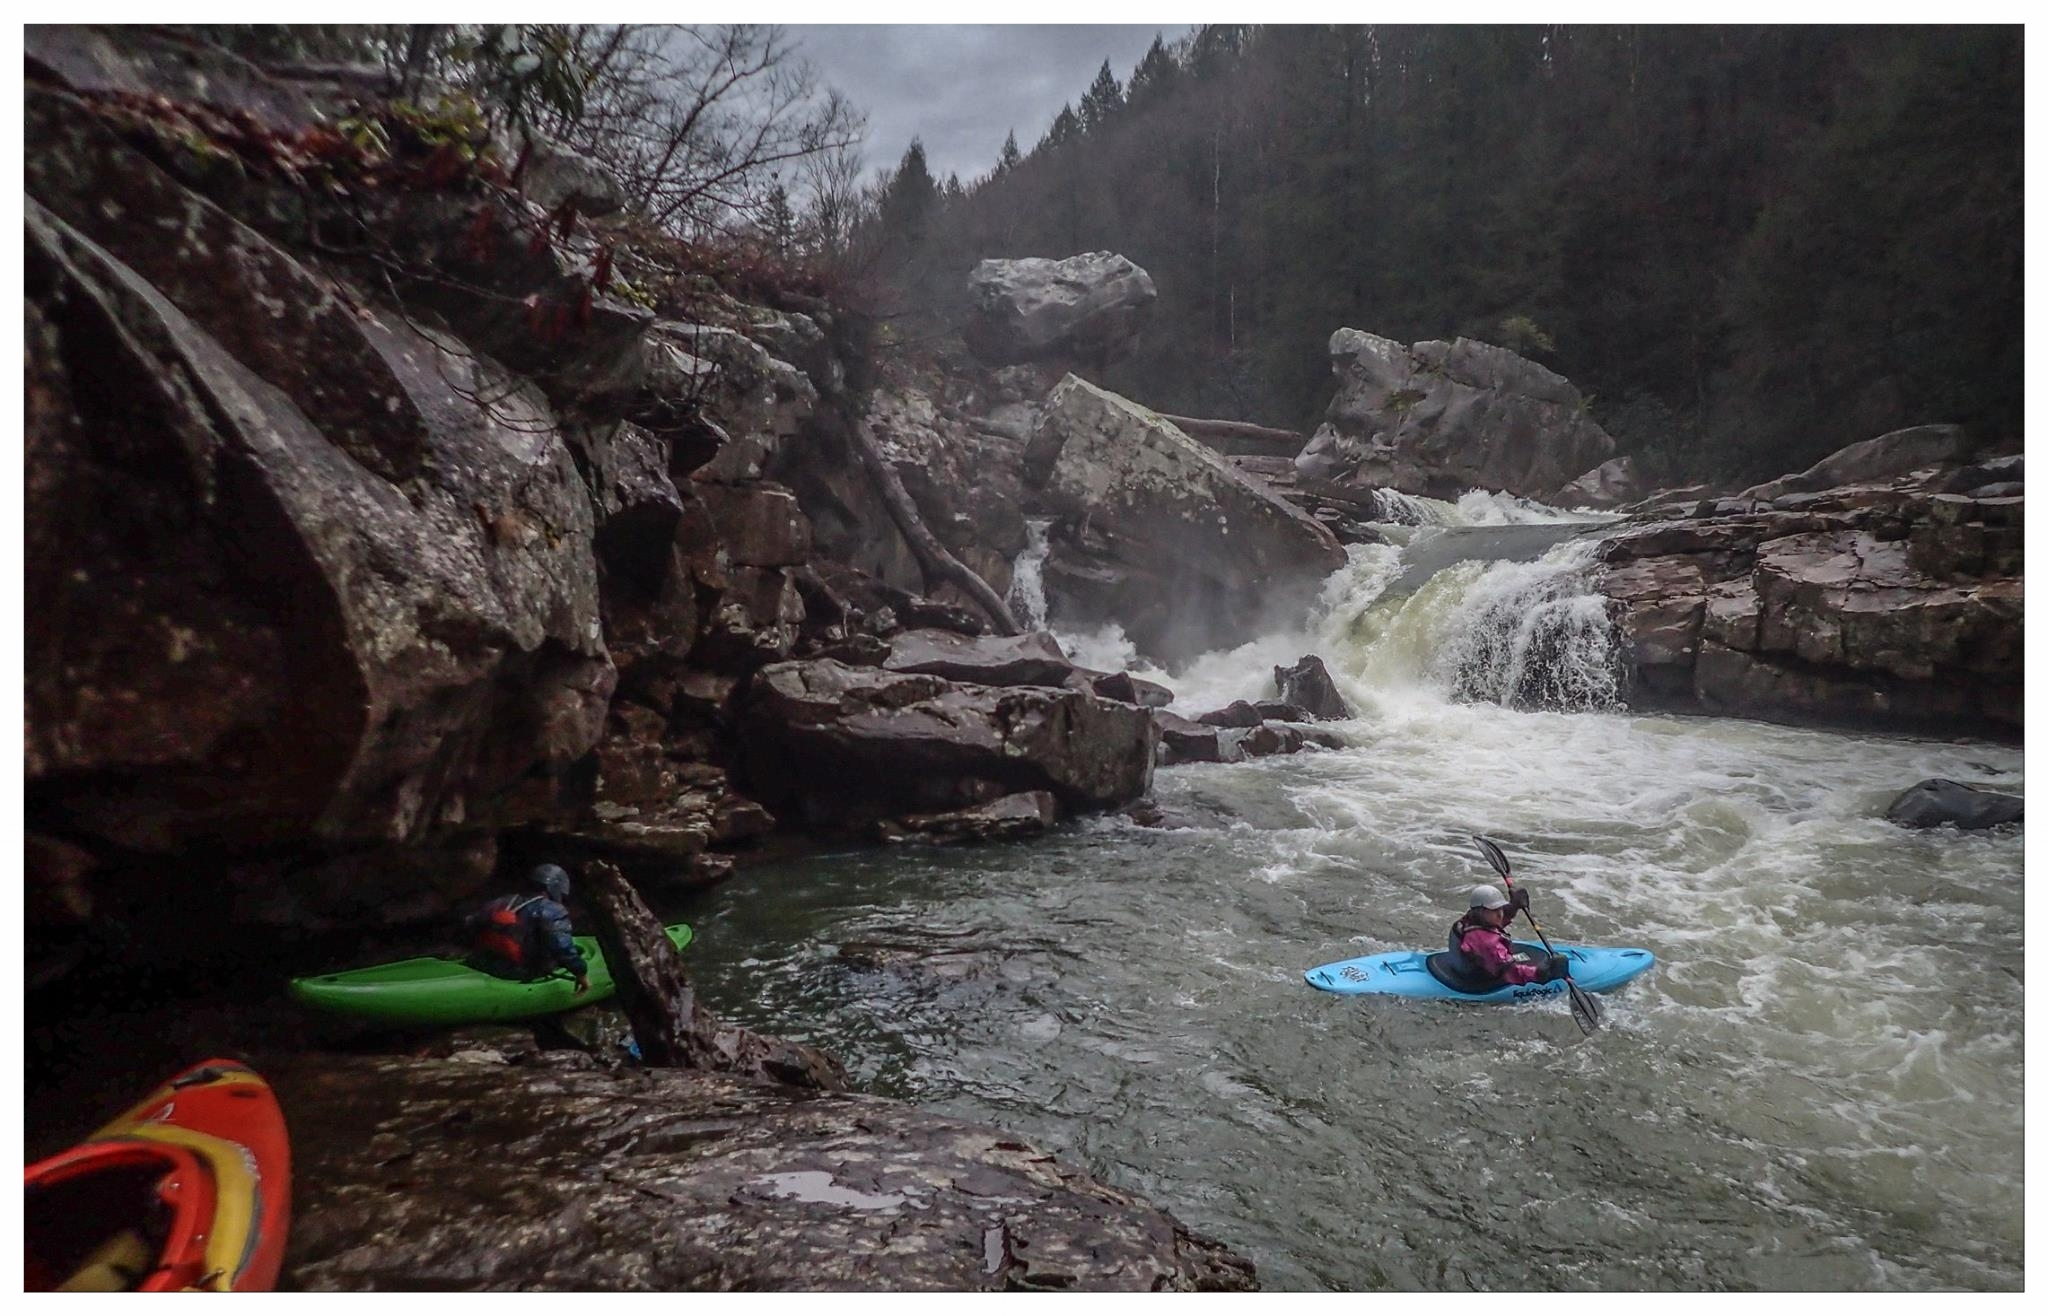 Christine Iksic - Lower Big Sandy Creek - W.V. Photo courtesy of Jeff Macklin